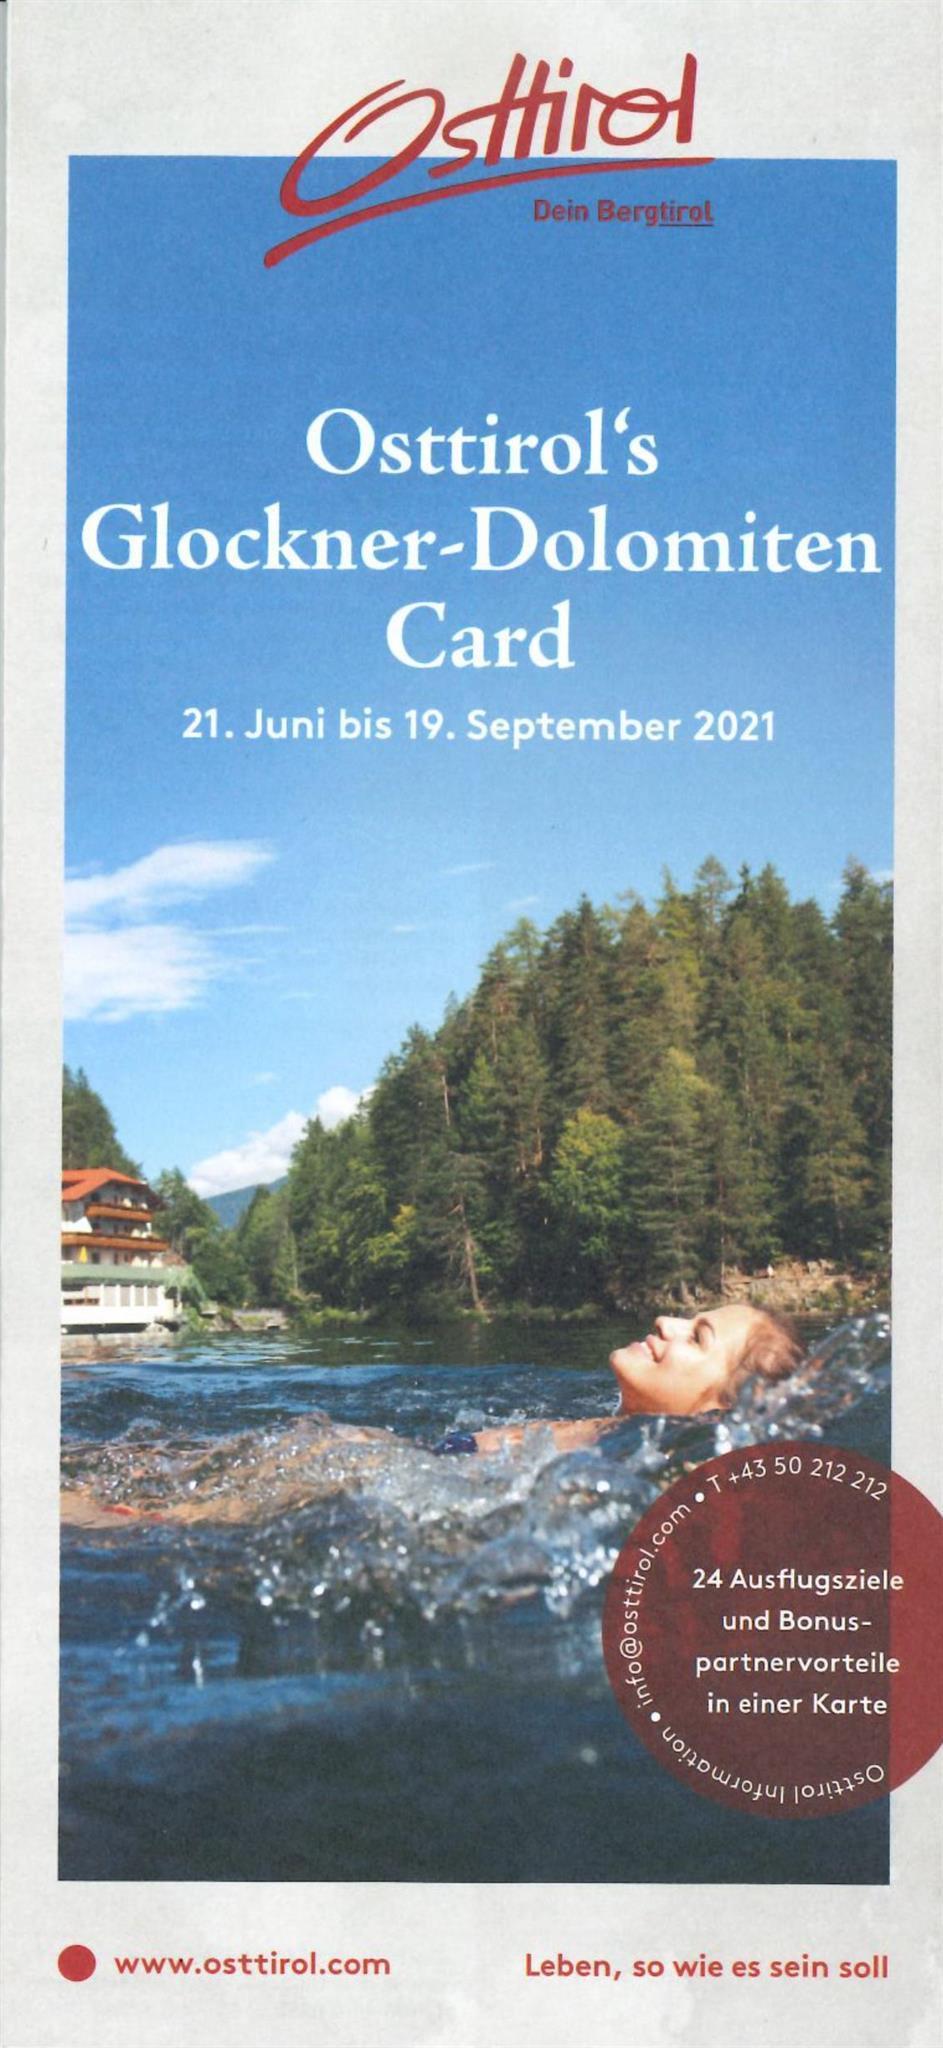 Osttirols-Glockner-Dolomiten-Card.jpg